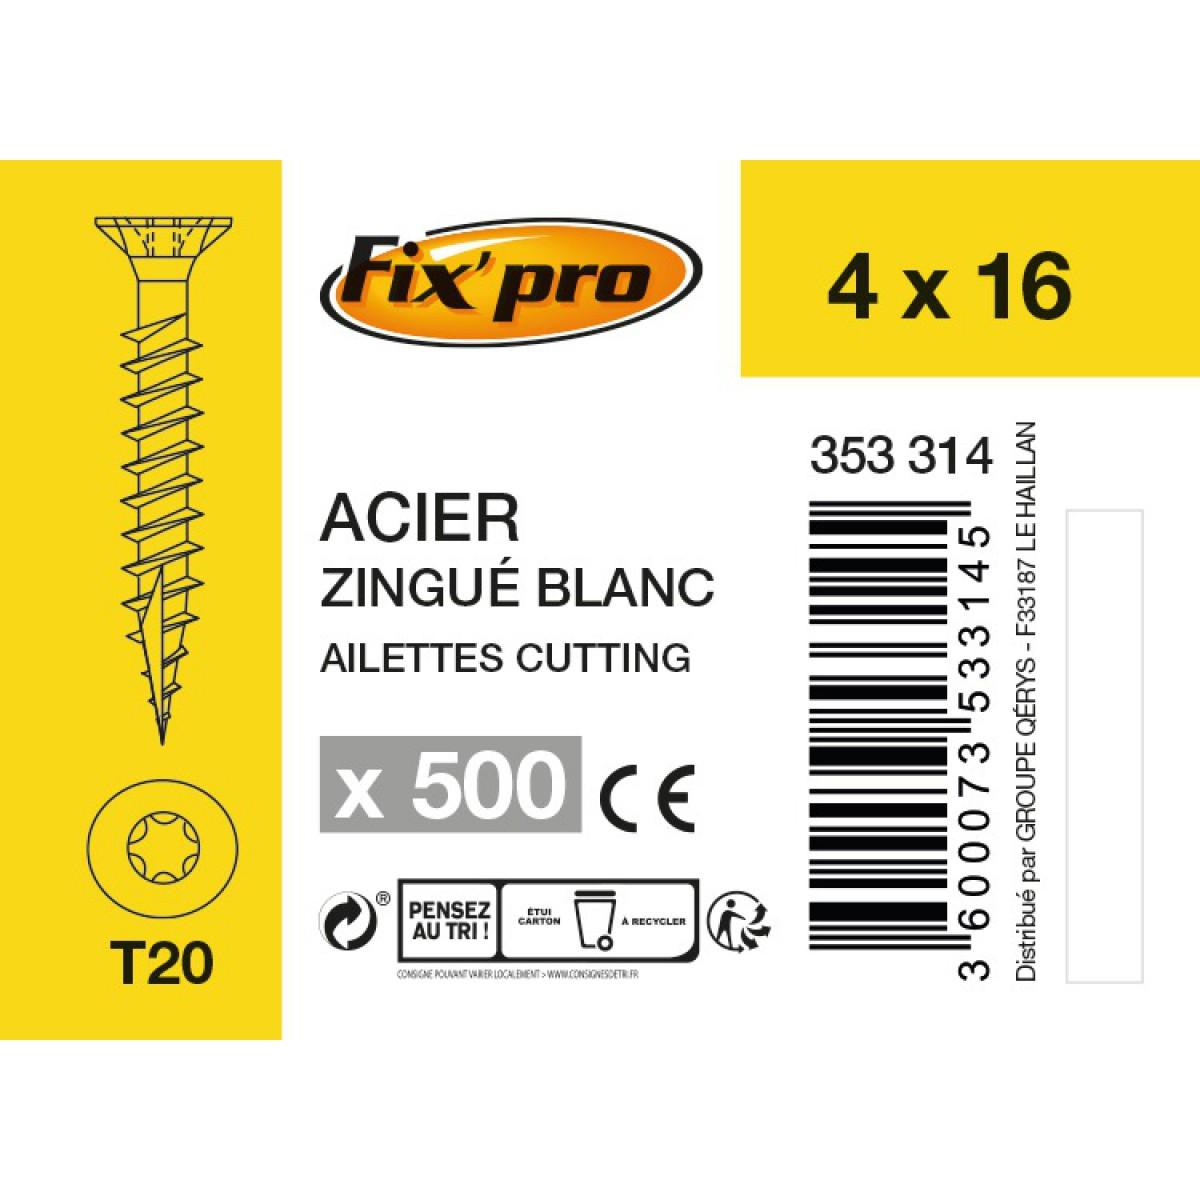 Vis à bois tête fraisée TX - 4x16 - 500pces - Fixpro